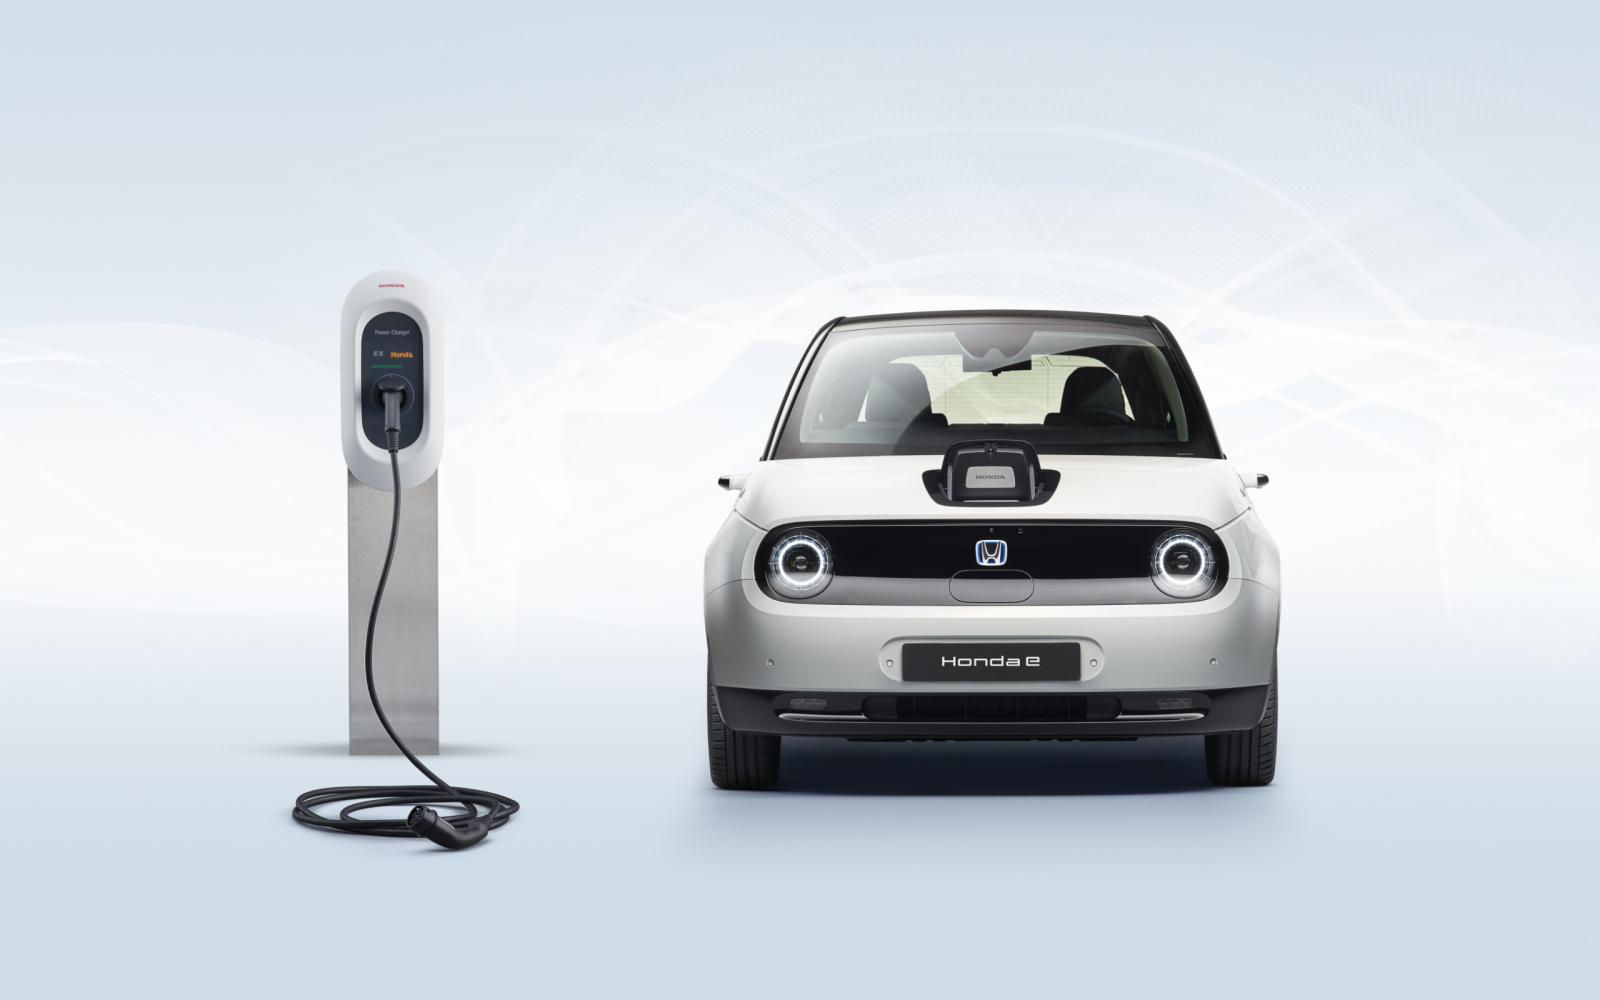 Honda wil best een Type R-versie van de elektrische e maken ... als wij erom vragen